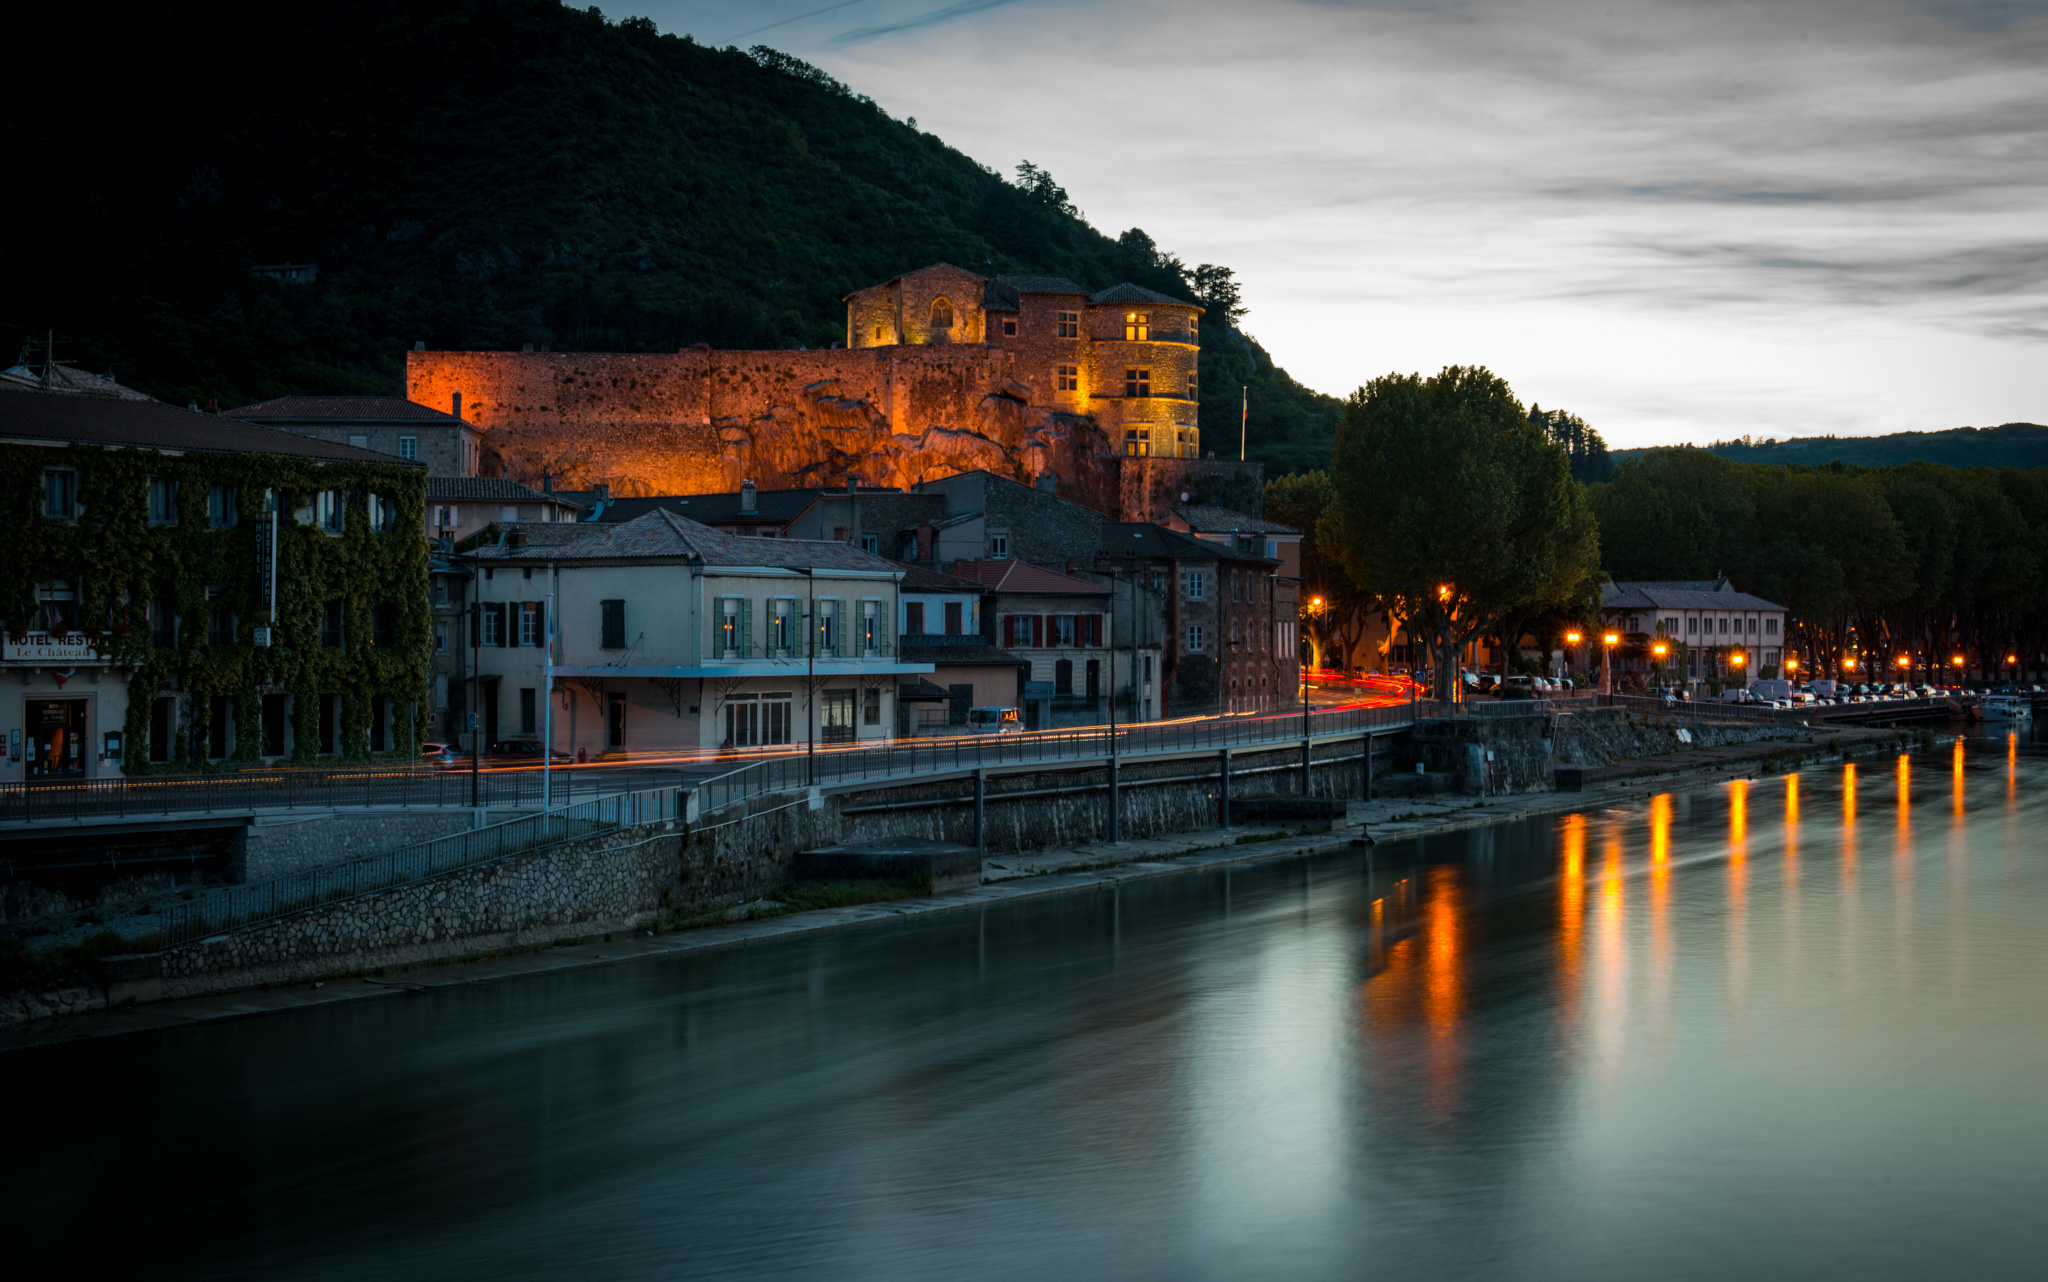 France : Northern Rhone : Tournon-sur-Rhone